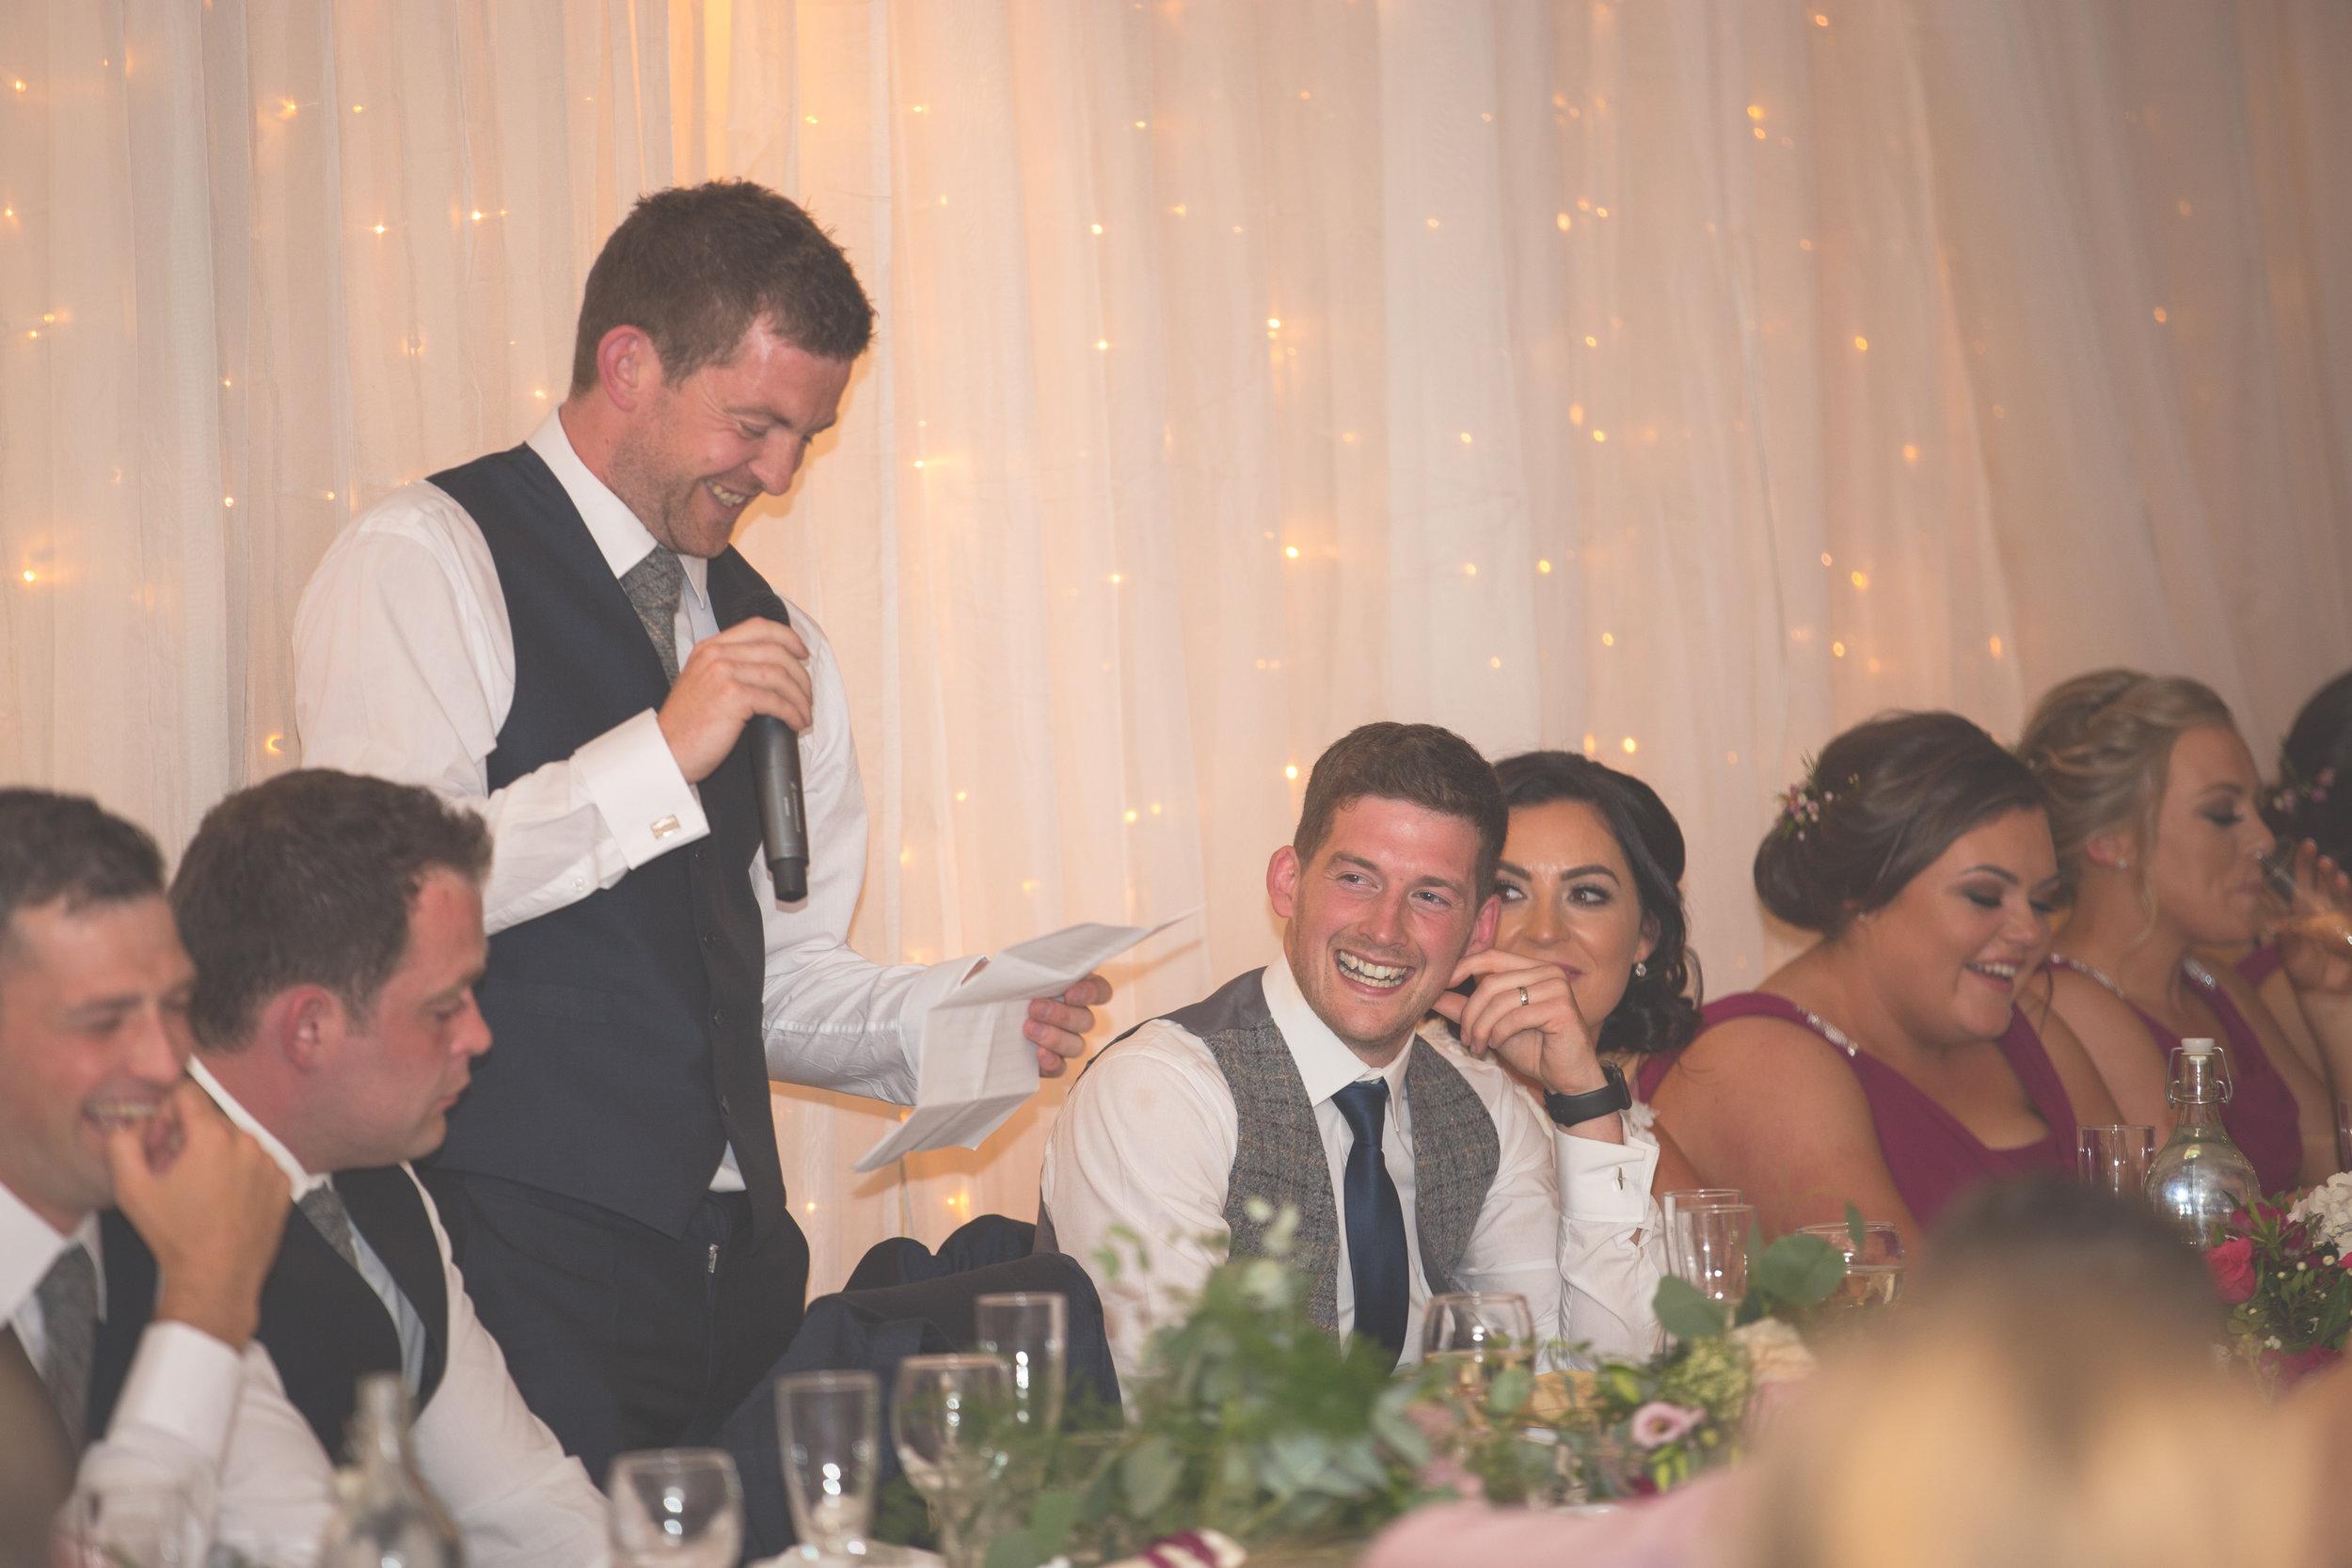 Brian McEwan Wedding Photography | Carol-Anne & Sean | The Speeches-109.jpg